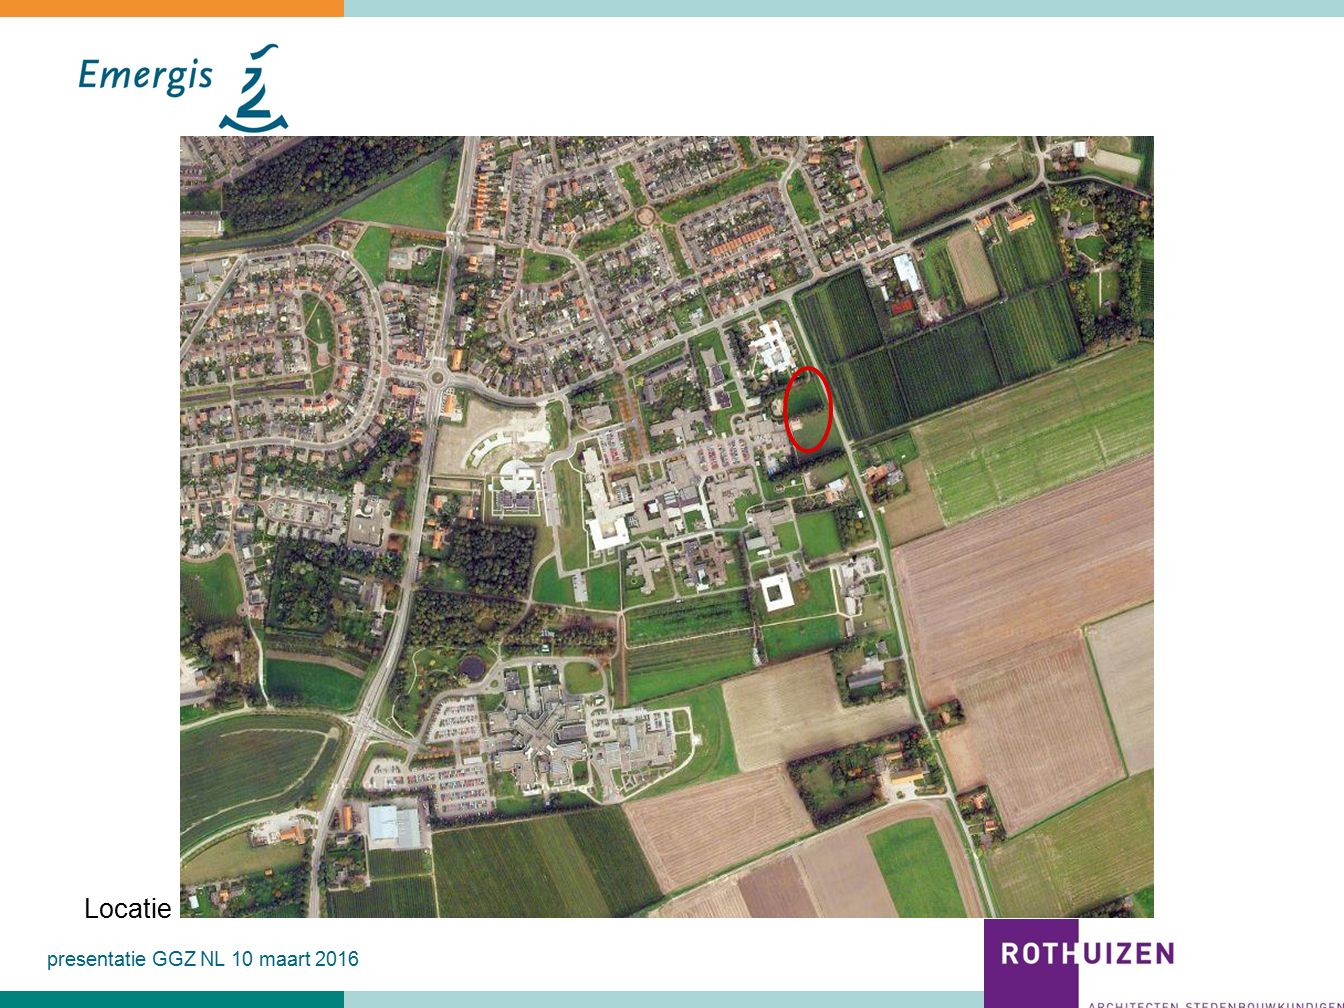 Locatie presentatie GGZ NL 10 maart 2016